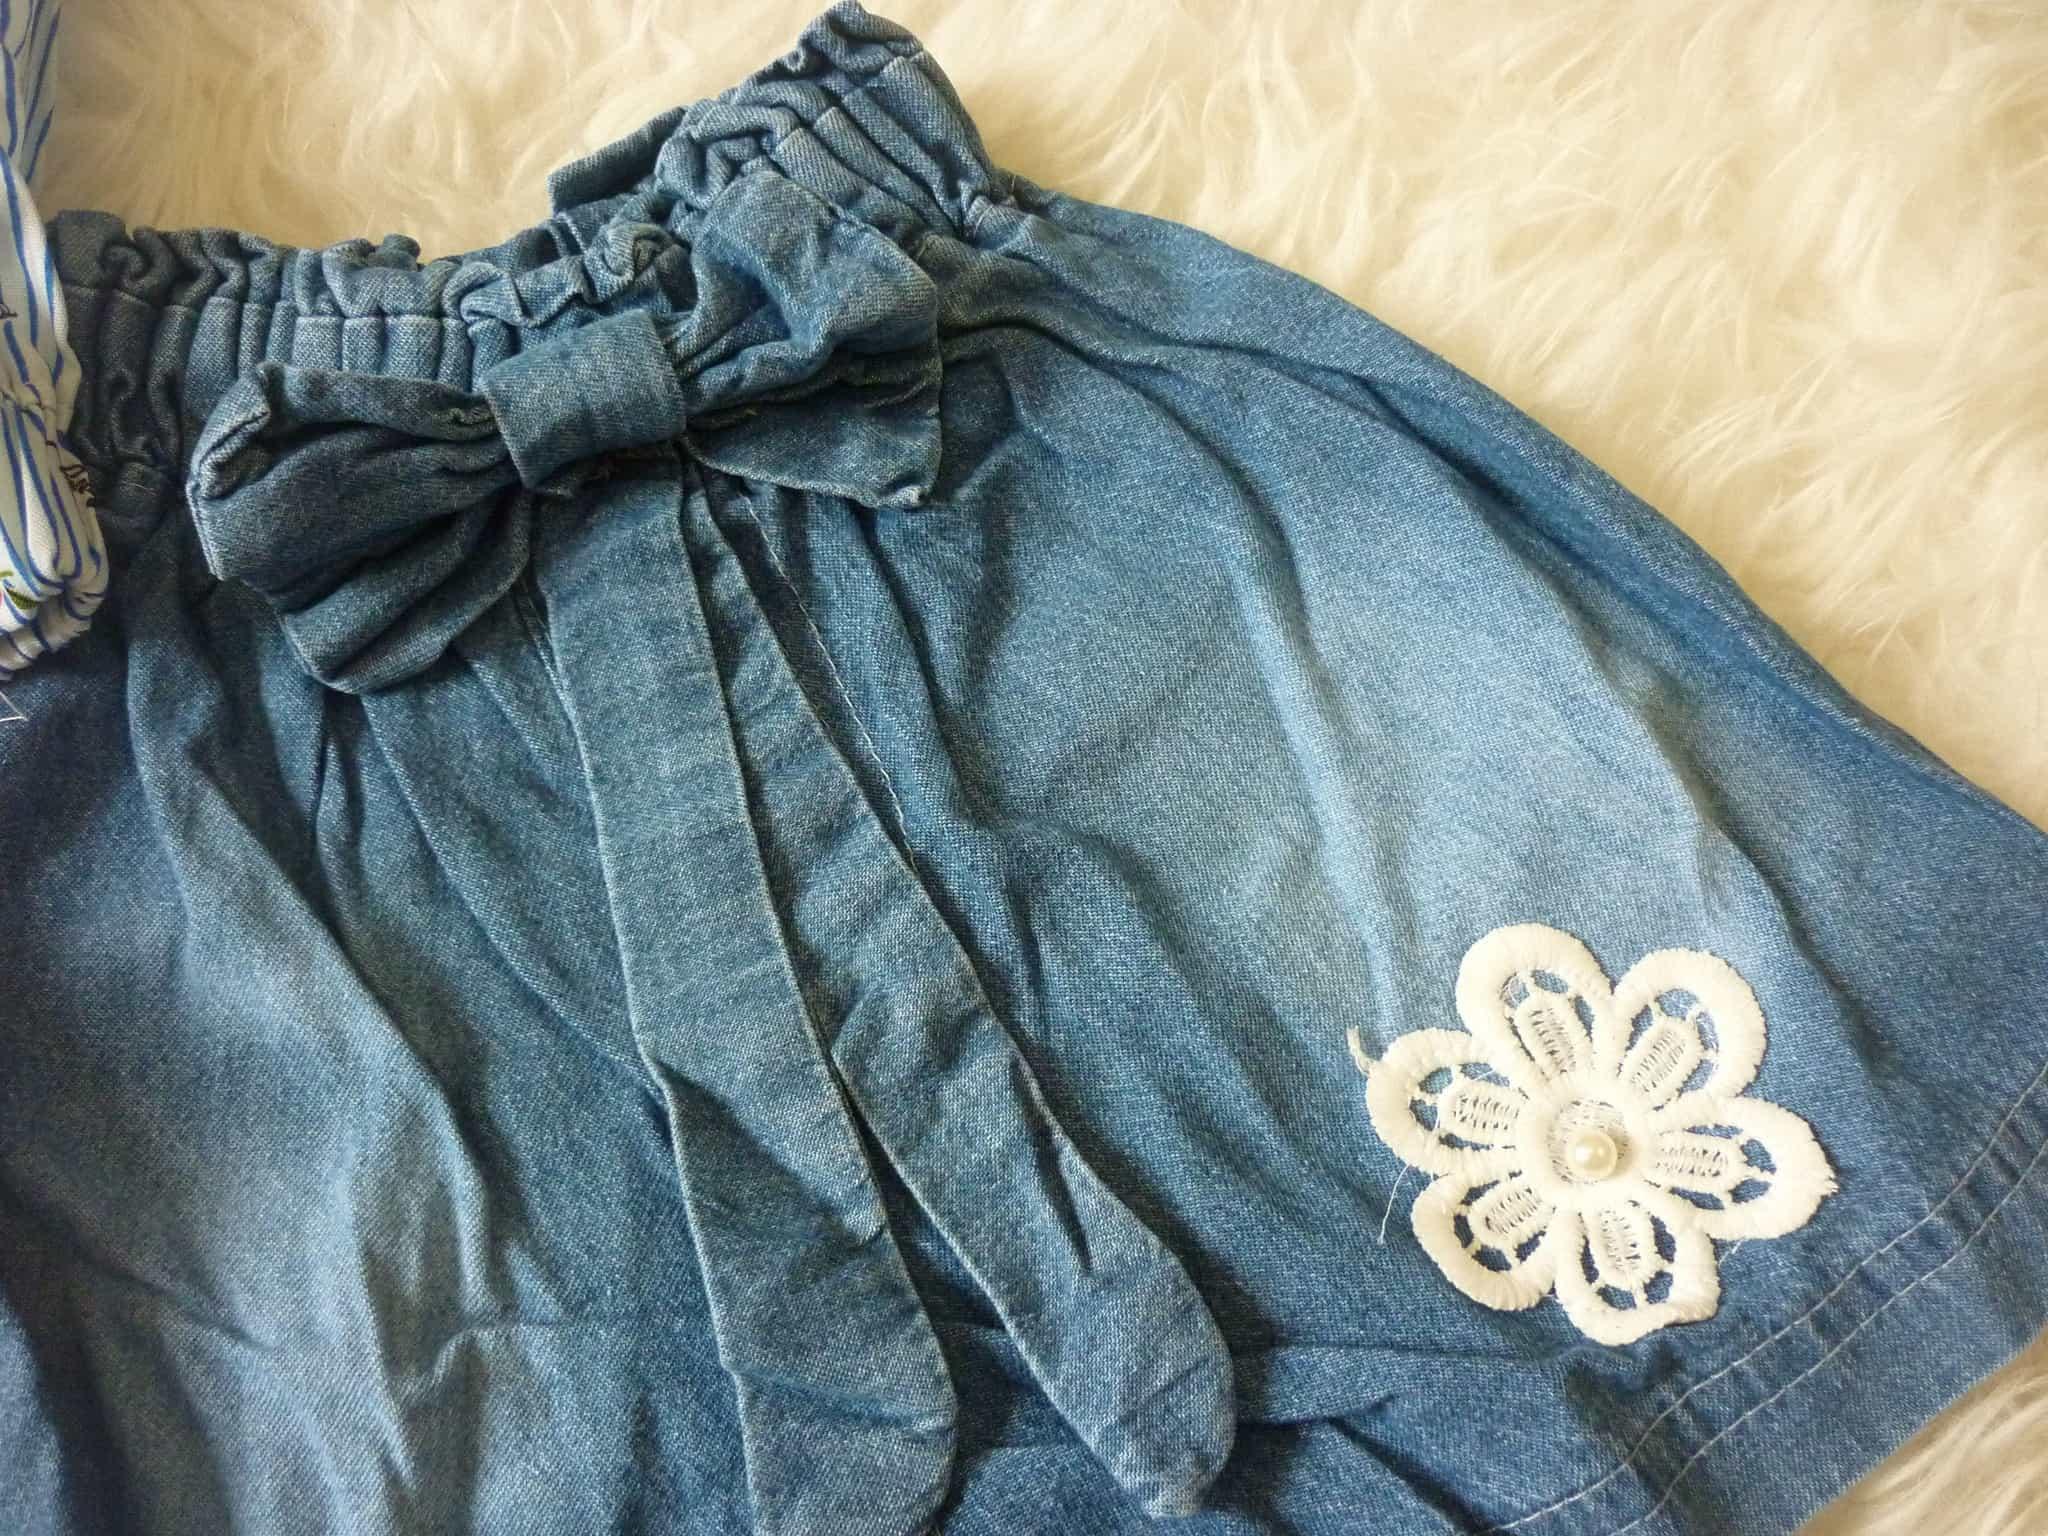 Jual Baju Setelan Anak Perempuan Kemeja Denim Jeans Owl Flower Import